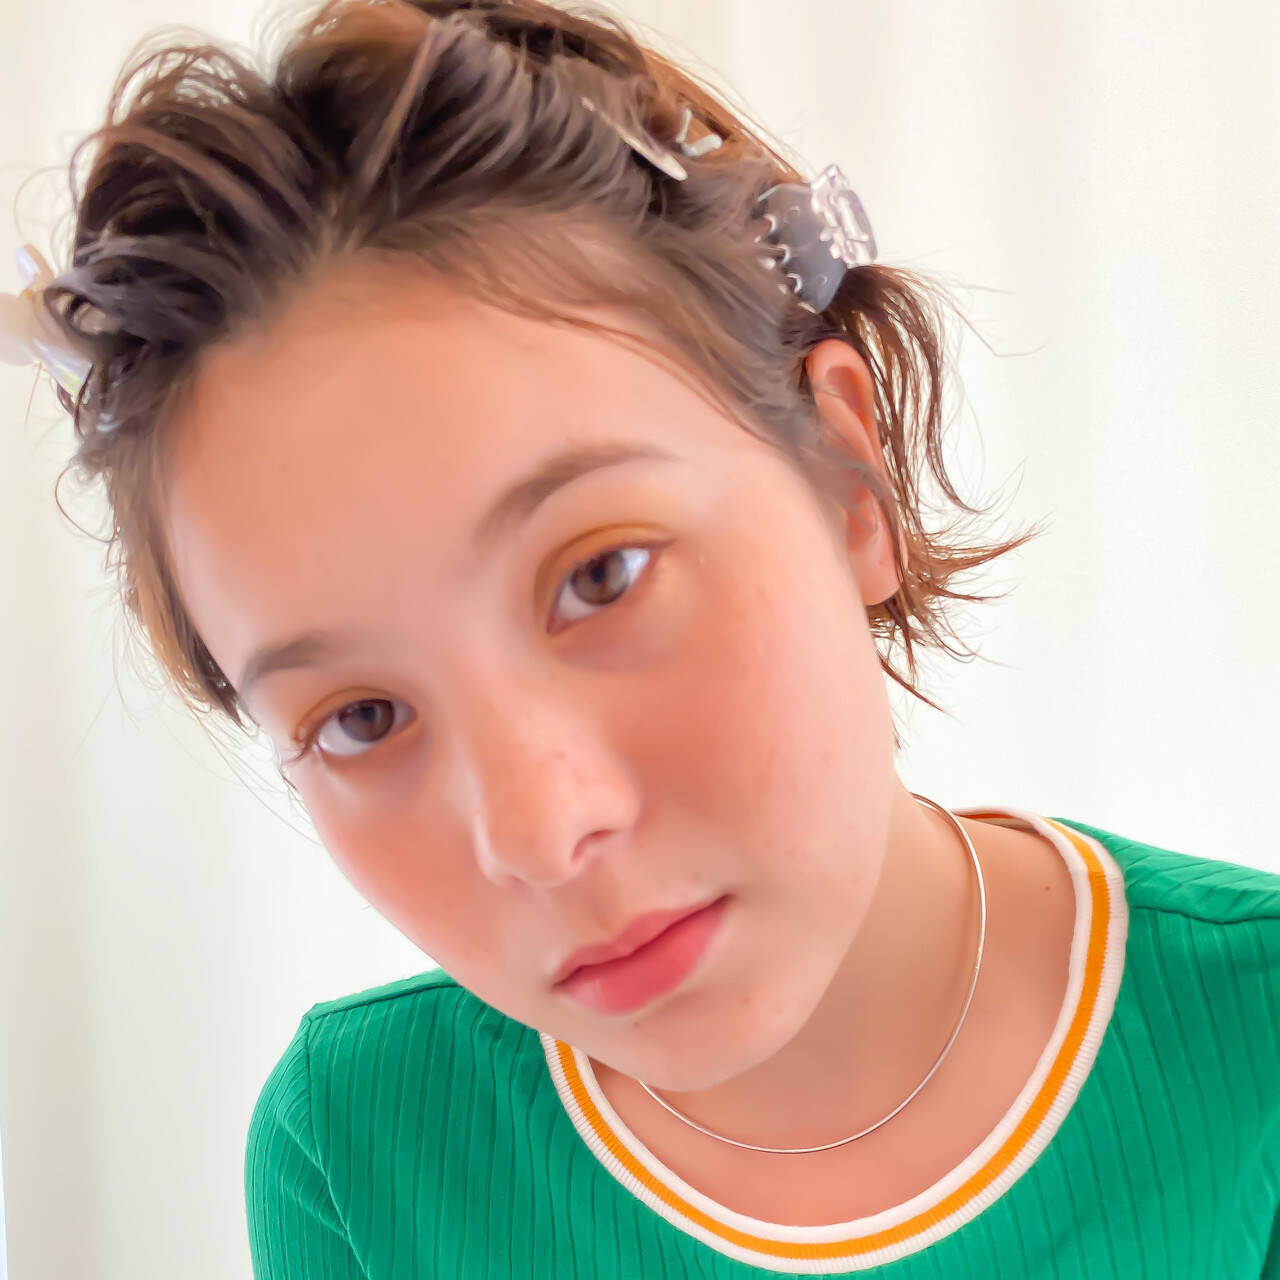 透明感 ヘアピン ウェットヘア 簡単ヘアアレンジヘアスタイルや髪型の写真・画像